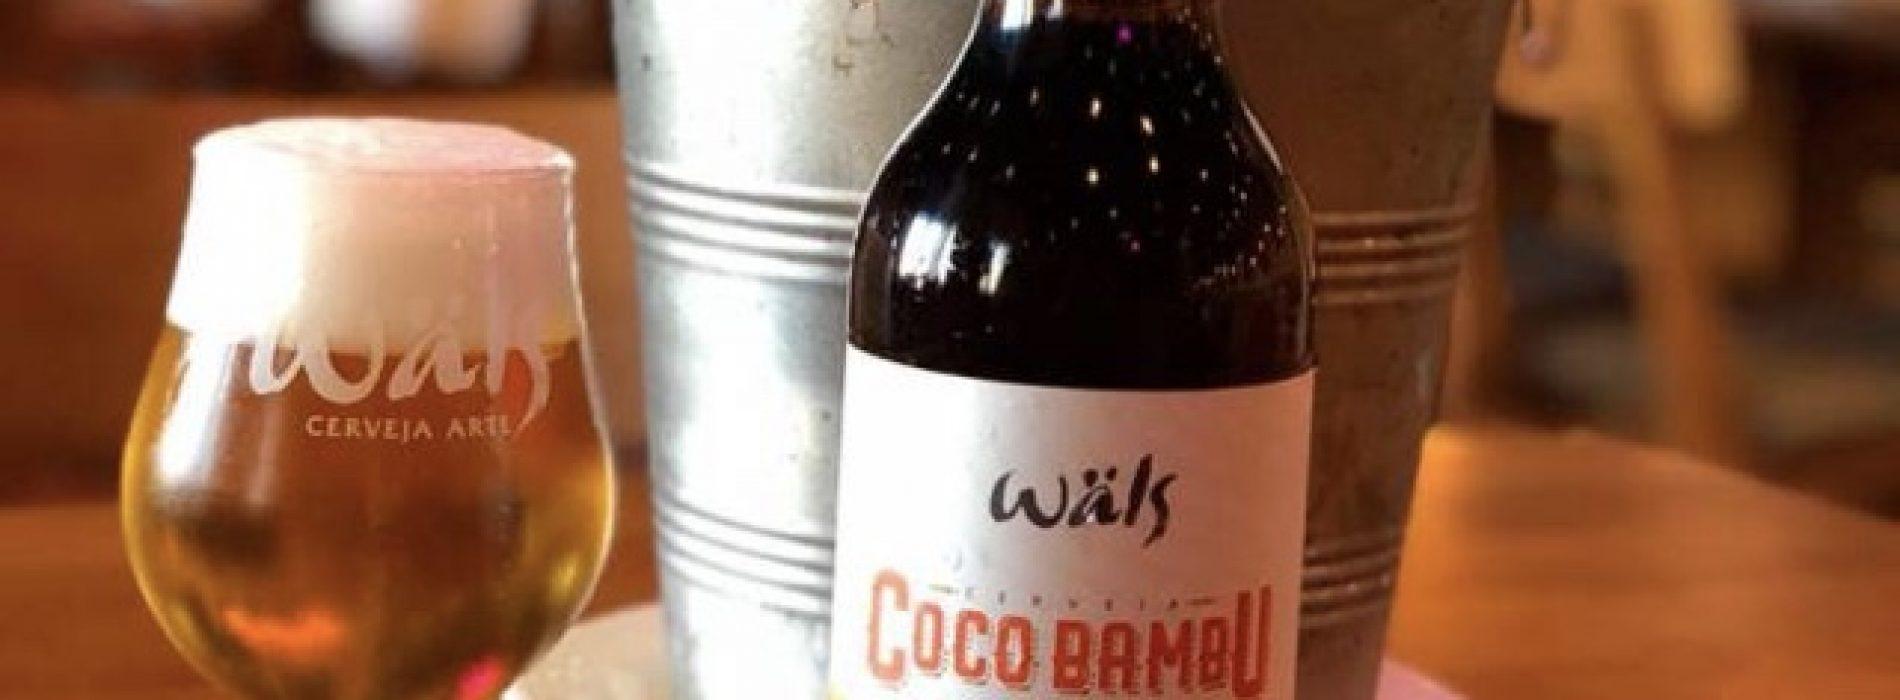 Coco Bambu quer vender 20 mil cervejas mês